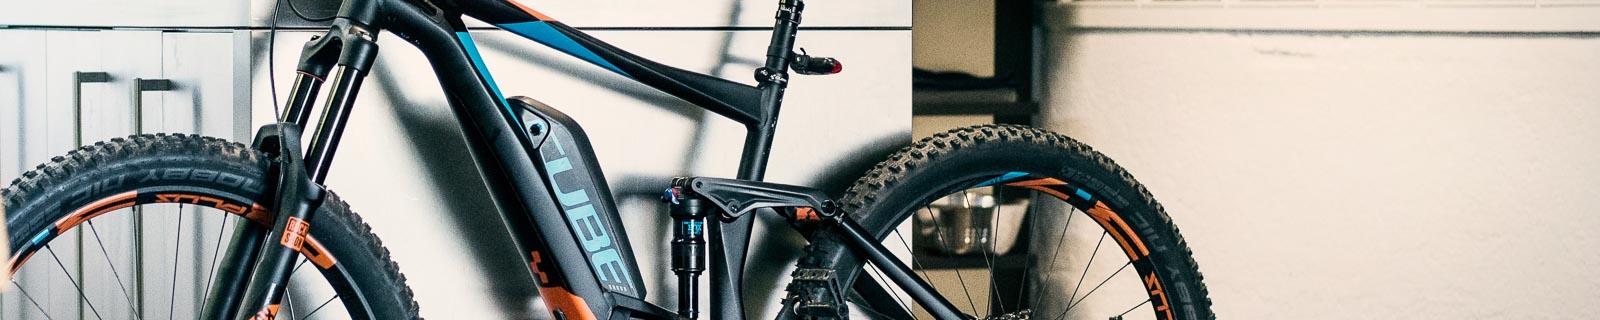 29 Pulgadas Bicicleta Eléctrica de Montaña Doble Suspensión (E-Mountainbike)